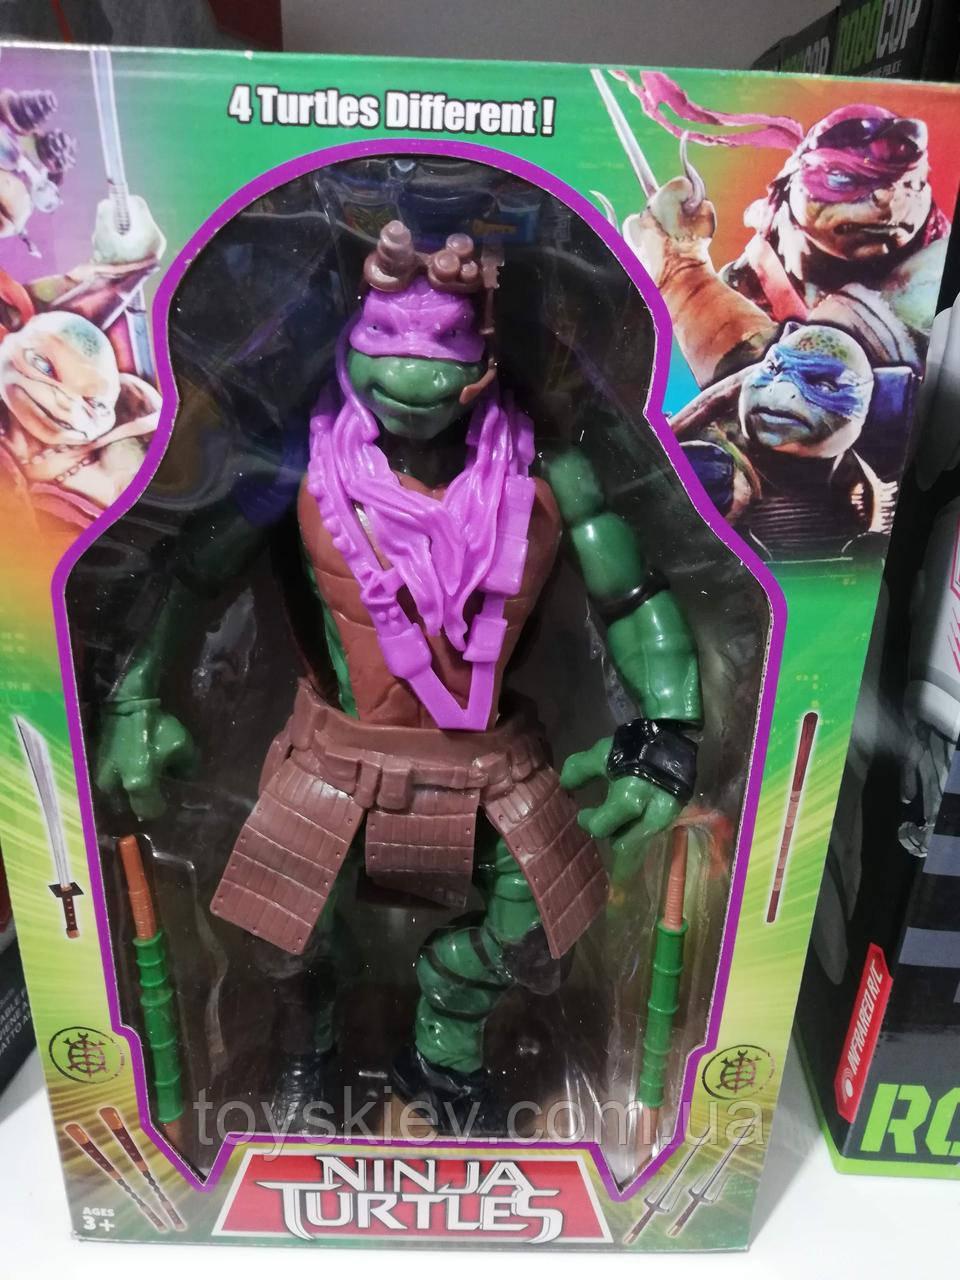 Игровая фигурка Черепашка Ниндзя Донателло (большая) / Черепашки Ниндзя Ninja Turtles Donatello (9253) 30см